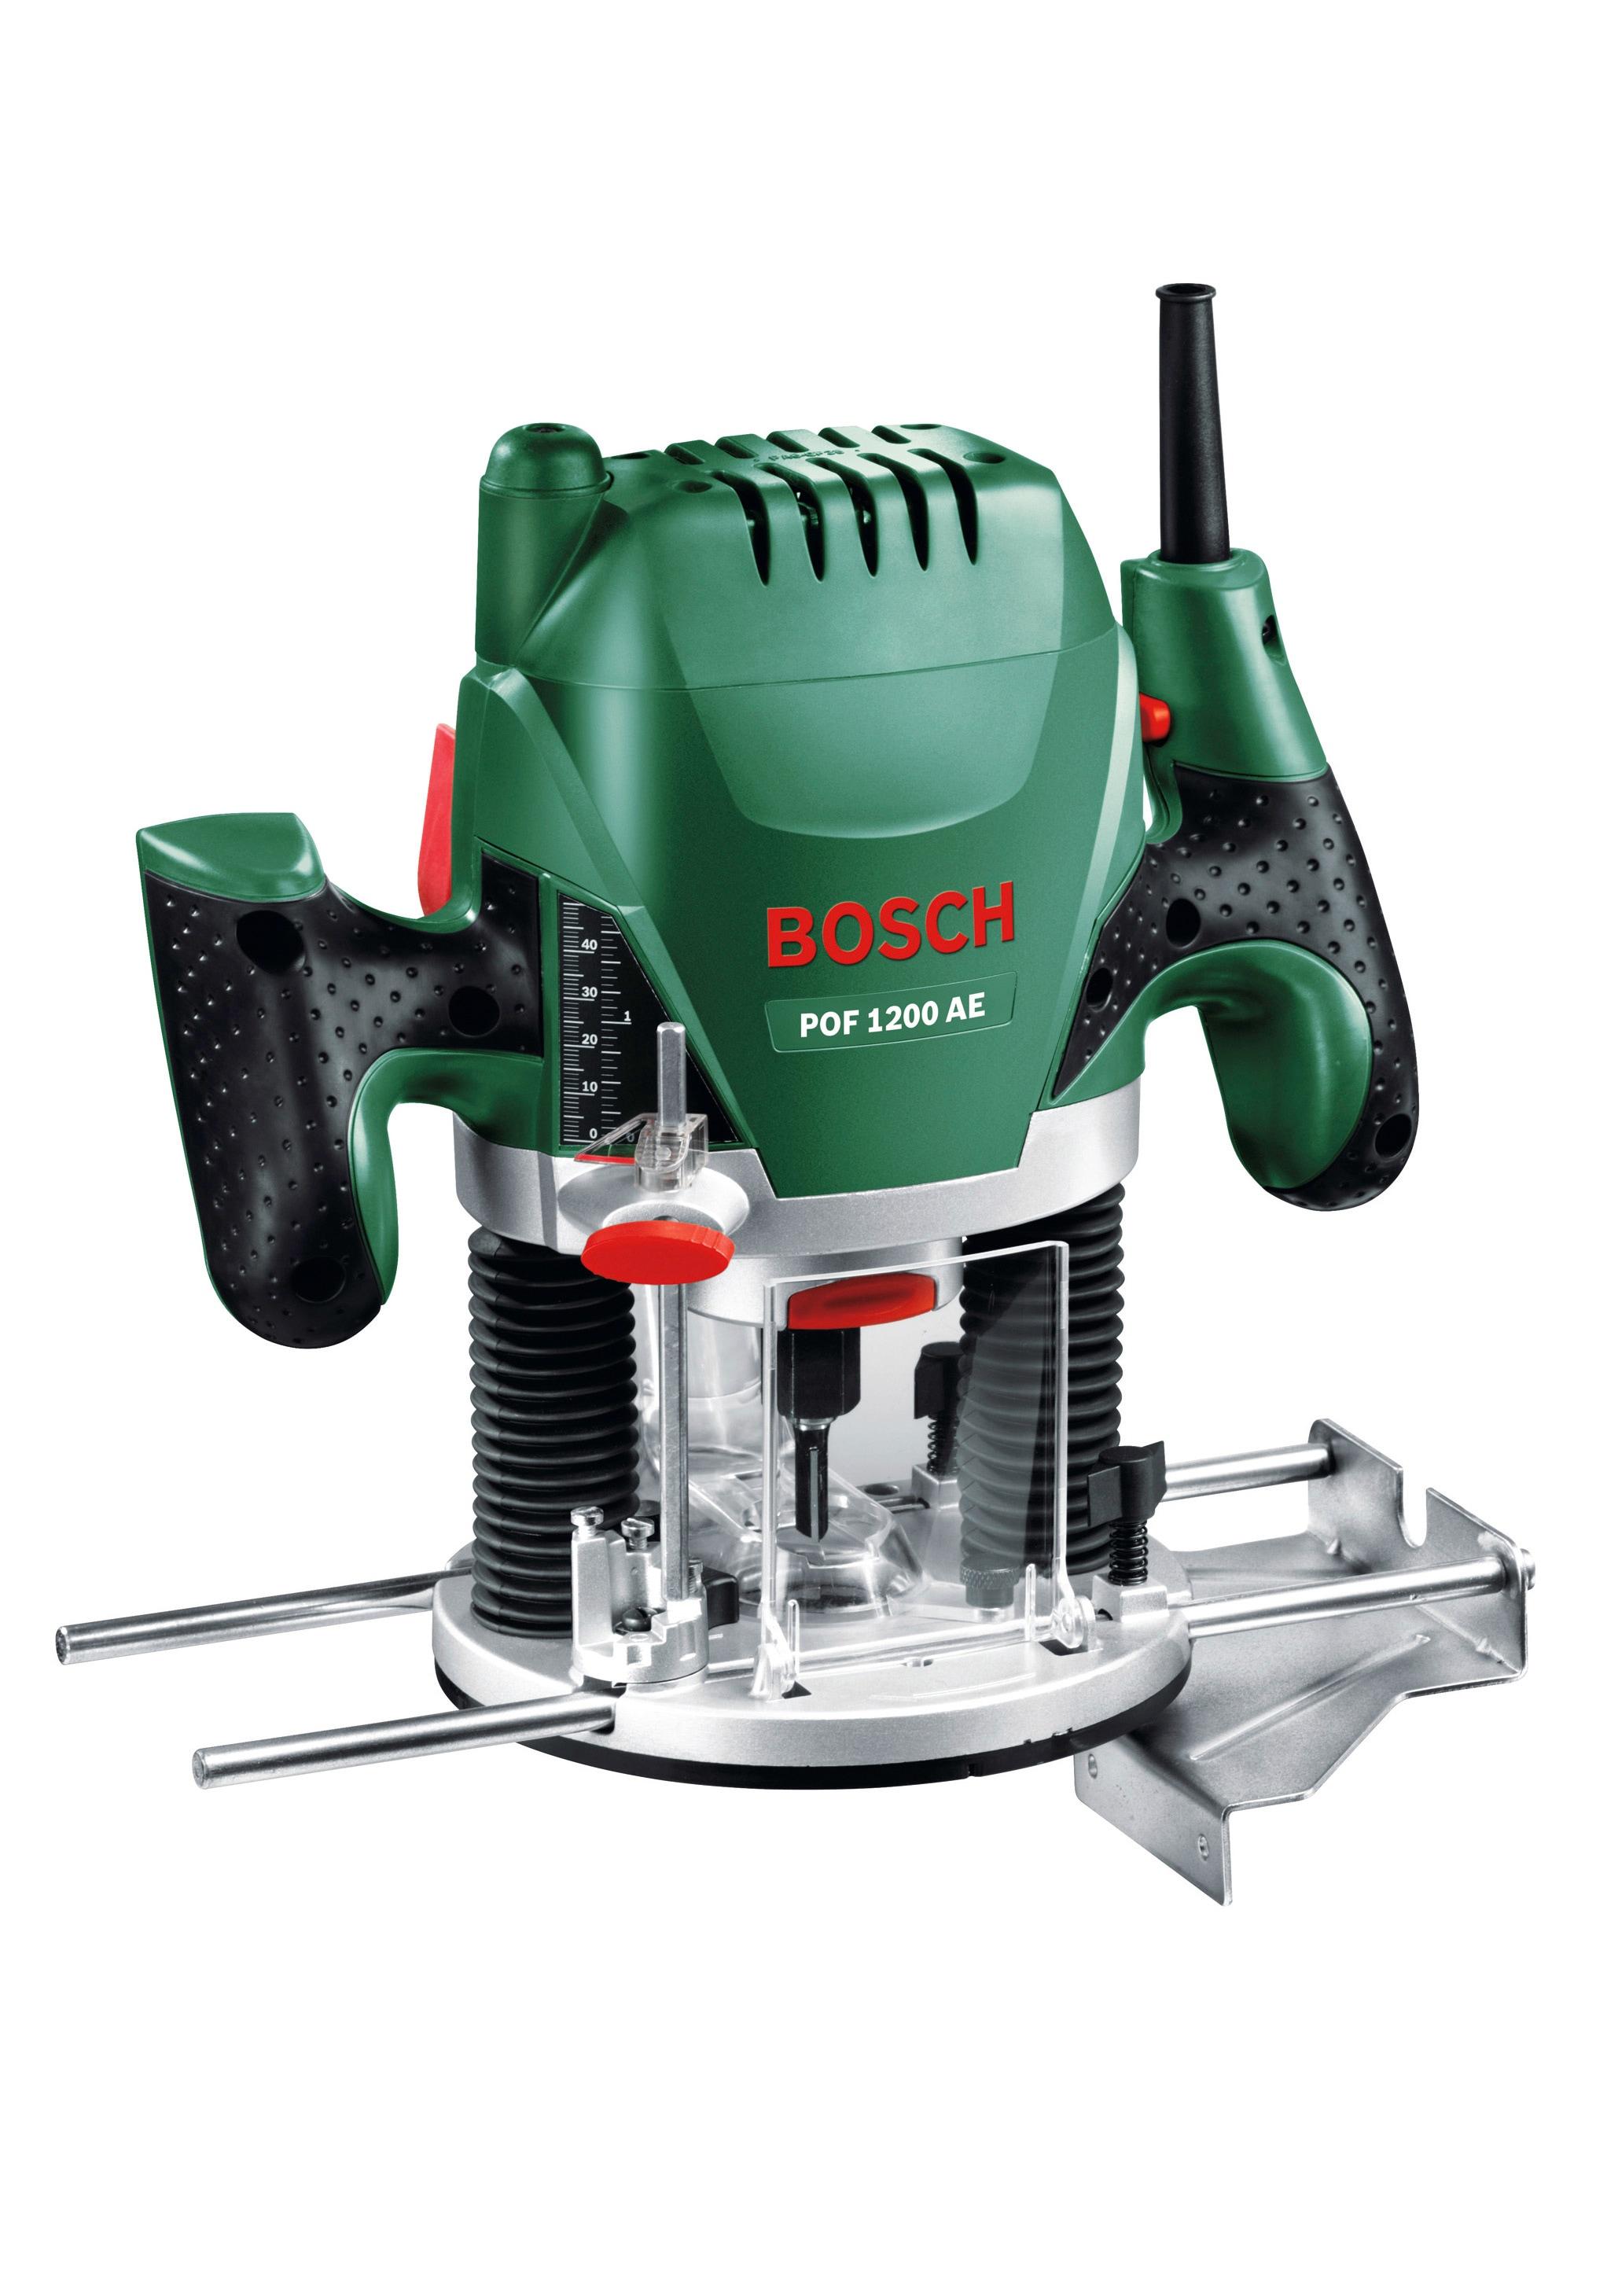 BOSCH Oberfräse POF 1200 AE grün Fräsen Werkzeug Maschinen